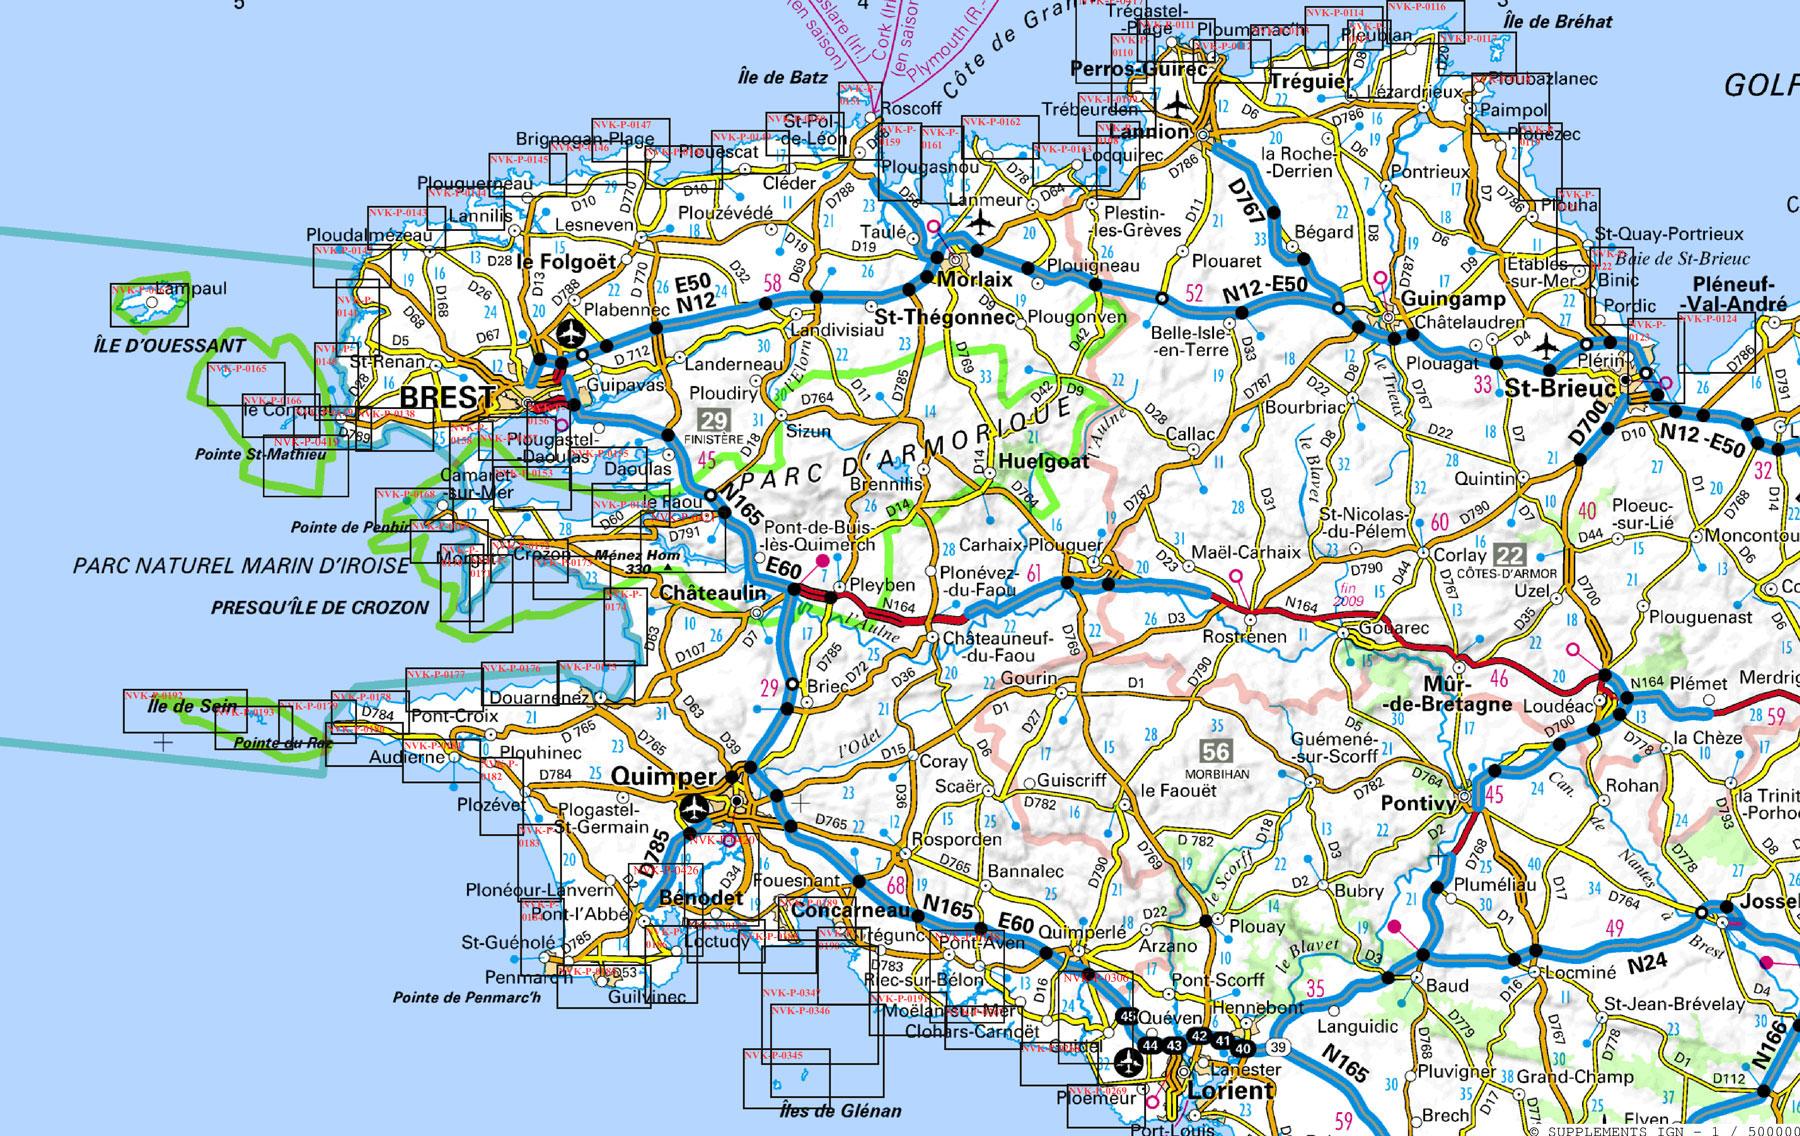 carte-geographique-de-la-bretagne